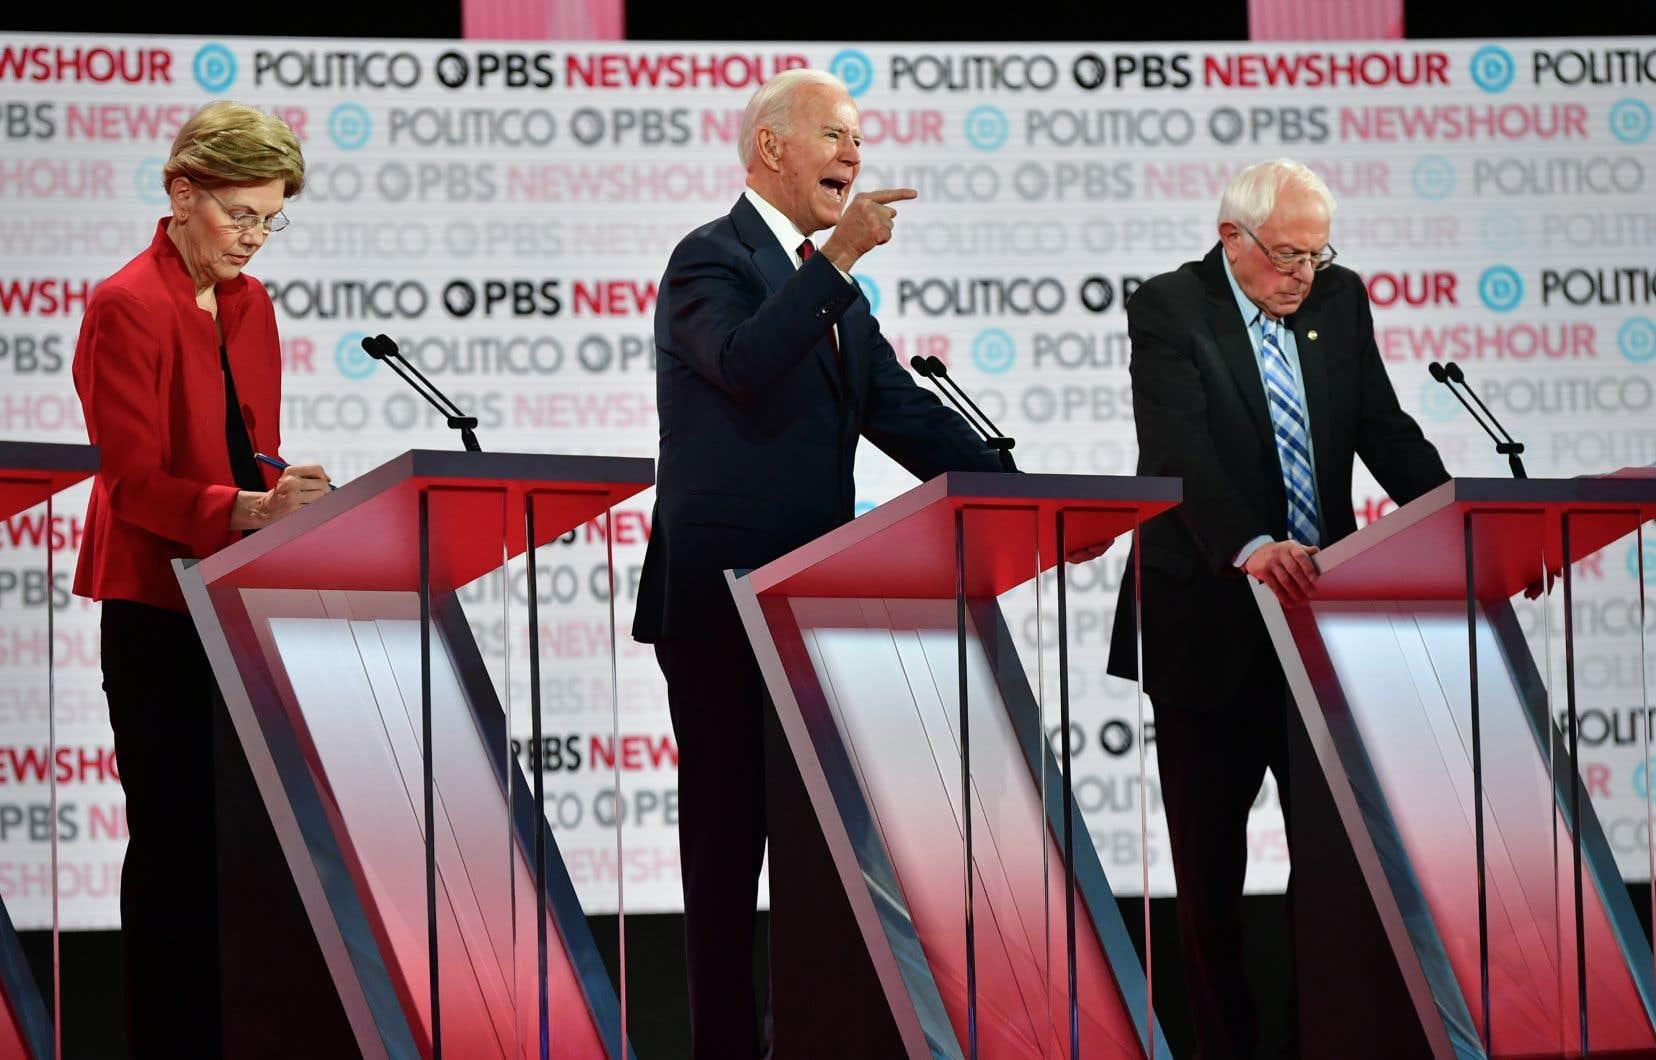 Six candidats à l'investiture démocrate—dont Elizabeth Warren, Joe Biden et Bernis Sanders—pour la présidentielle américaine s'affronteront mardi soir lors du dernier débat télévisé.